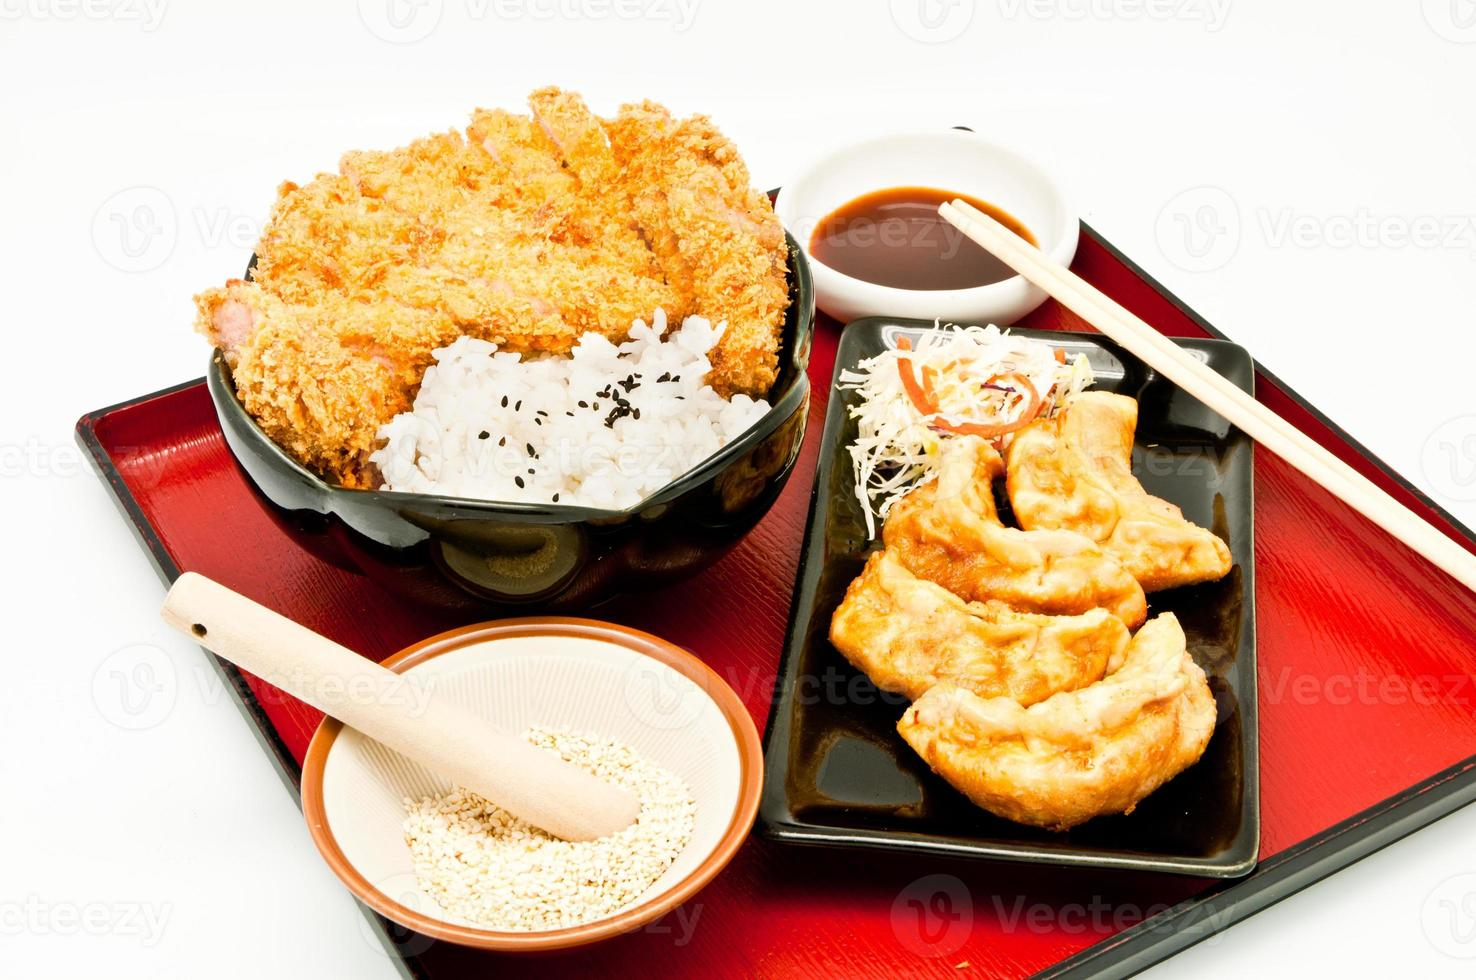 arroz e costeleta de porco frita e bolinhos fritos foto